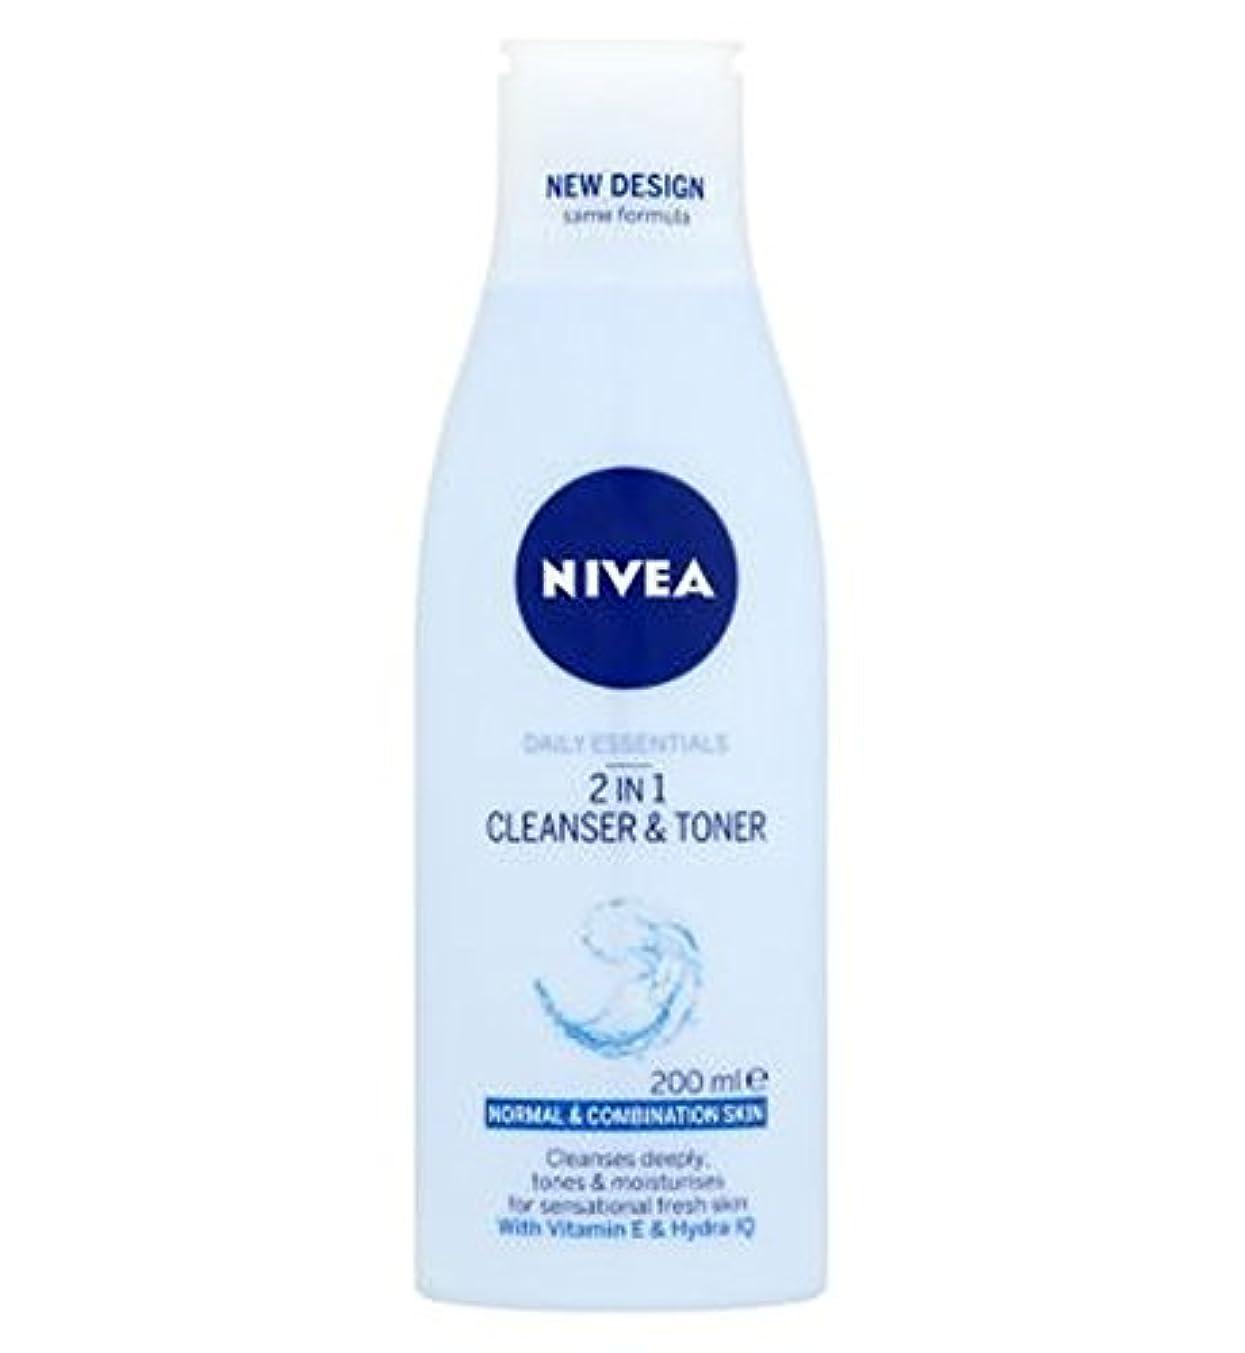 カセット広まった忠誠ニベア生活必需品2 1クレンザーとトナー200ミリリットルで (Nivea) (x2) - Nivea Daily Essentials 2 in 1 Cleanser and Toner 200ml (Pack of...